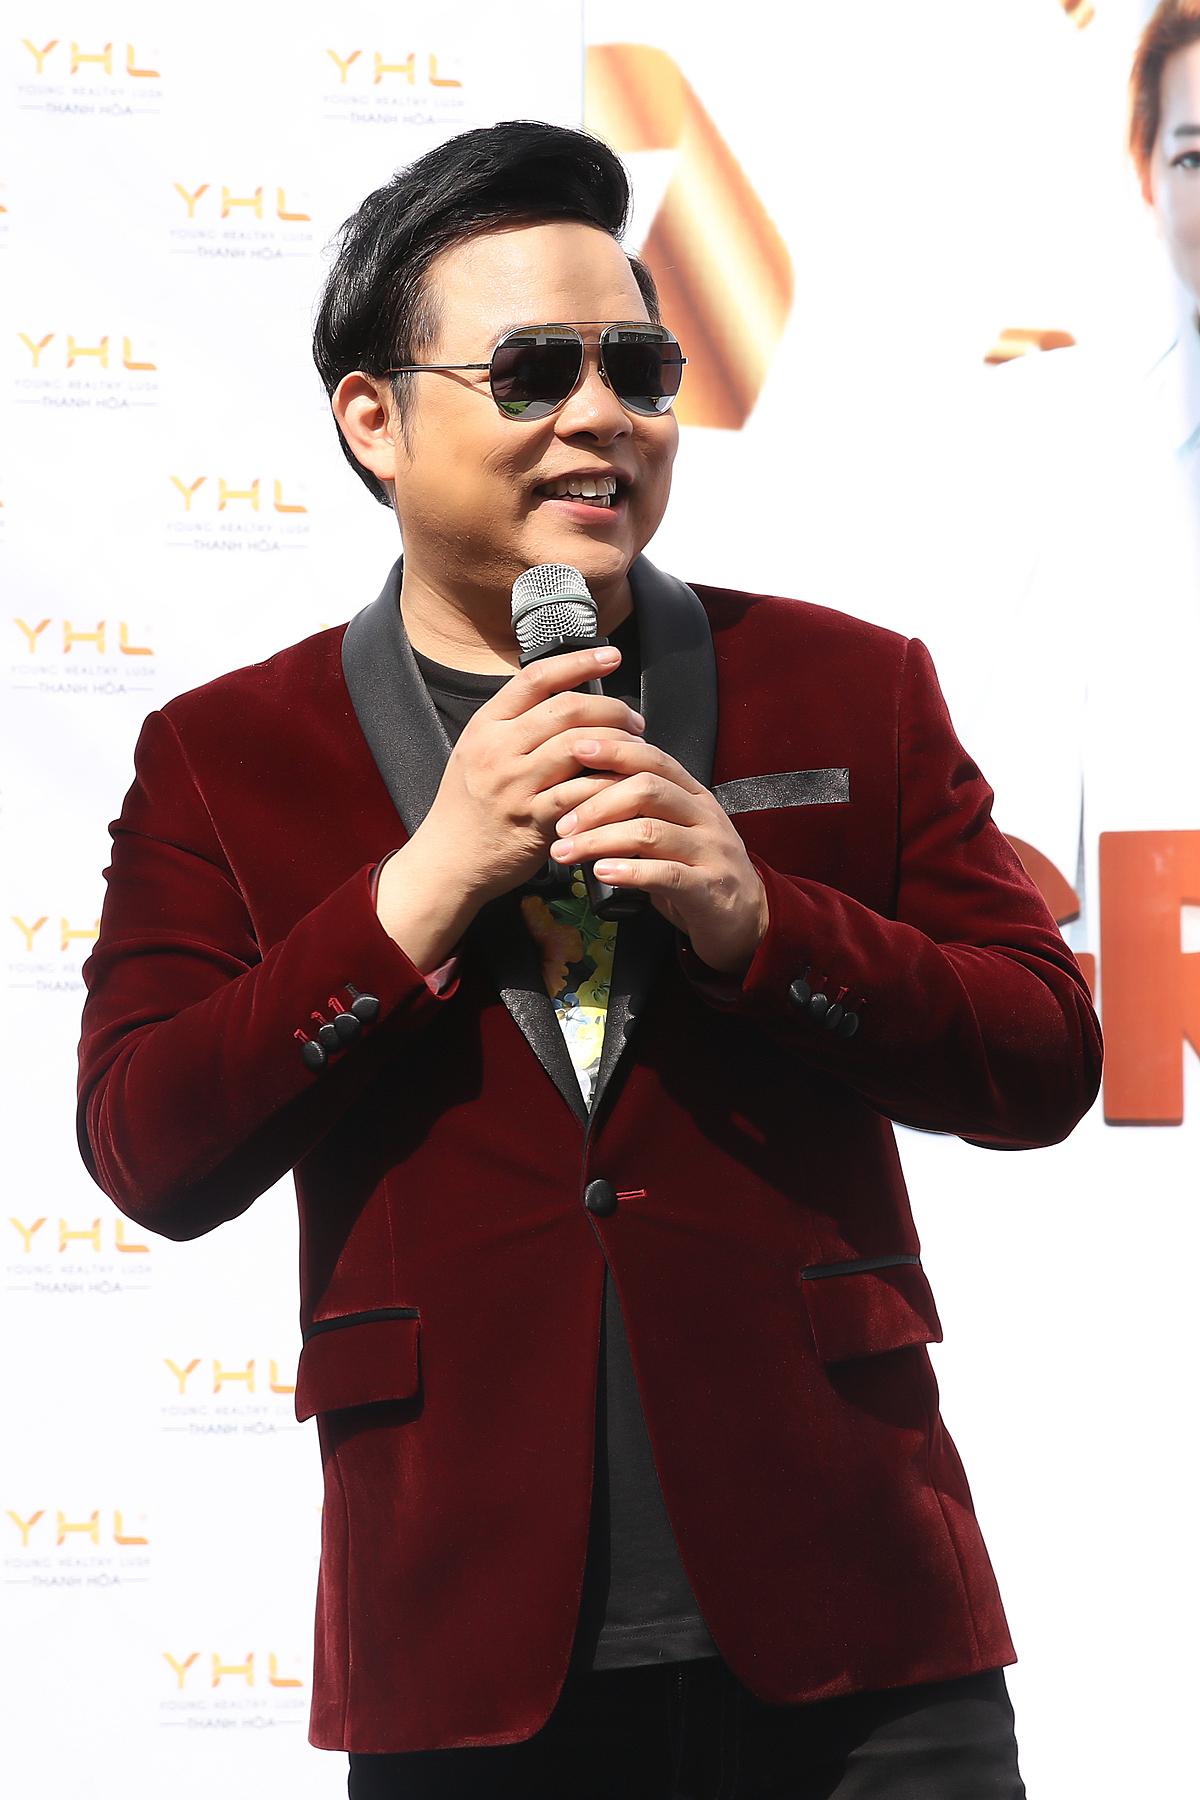 Quang Lê cũng góp mặt, gửi lời chúc tới doanh nhân Hằng Lê và mong cho showroom của cô thu hút thật nhiều khách hàng. Anh cũng trình diễn những tiết mục sôi động.